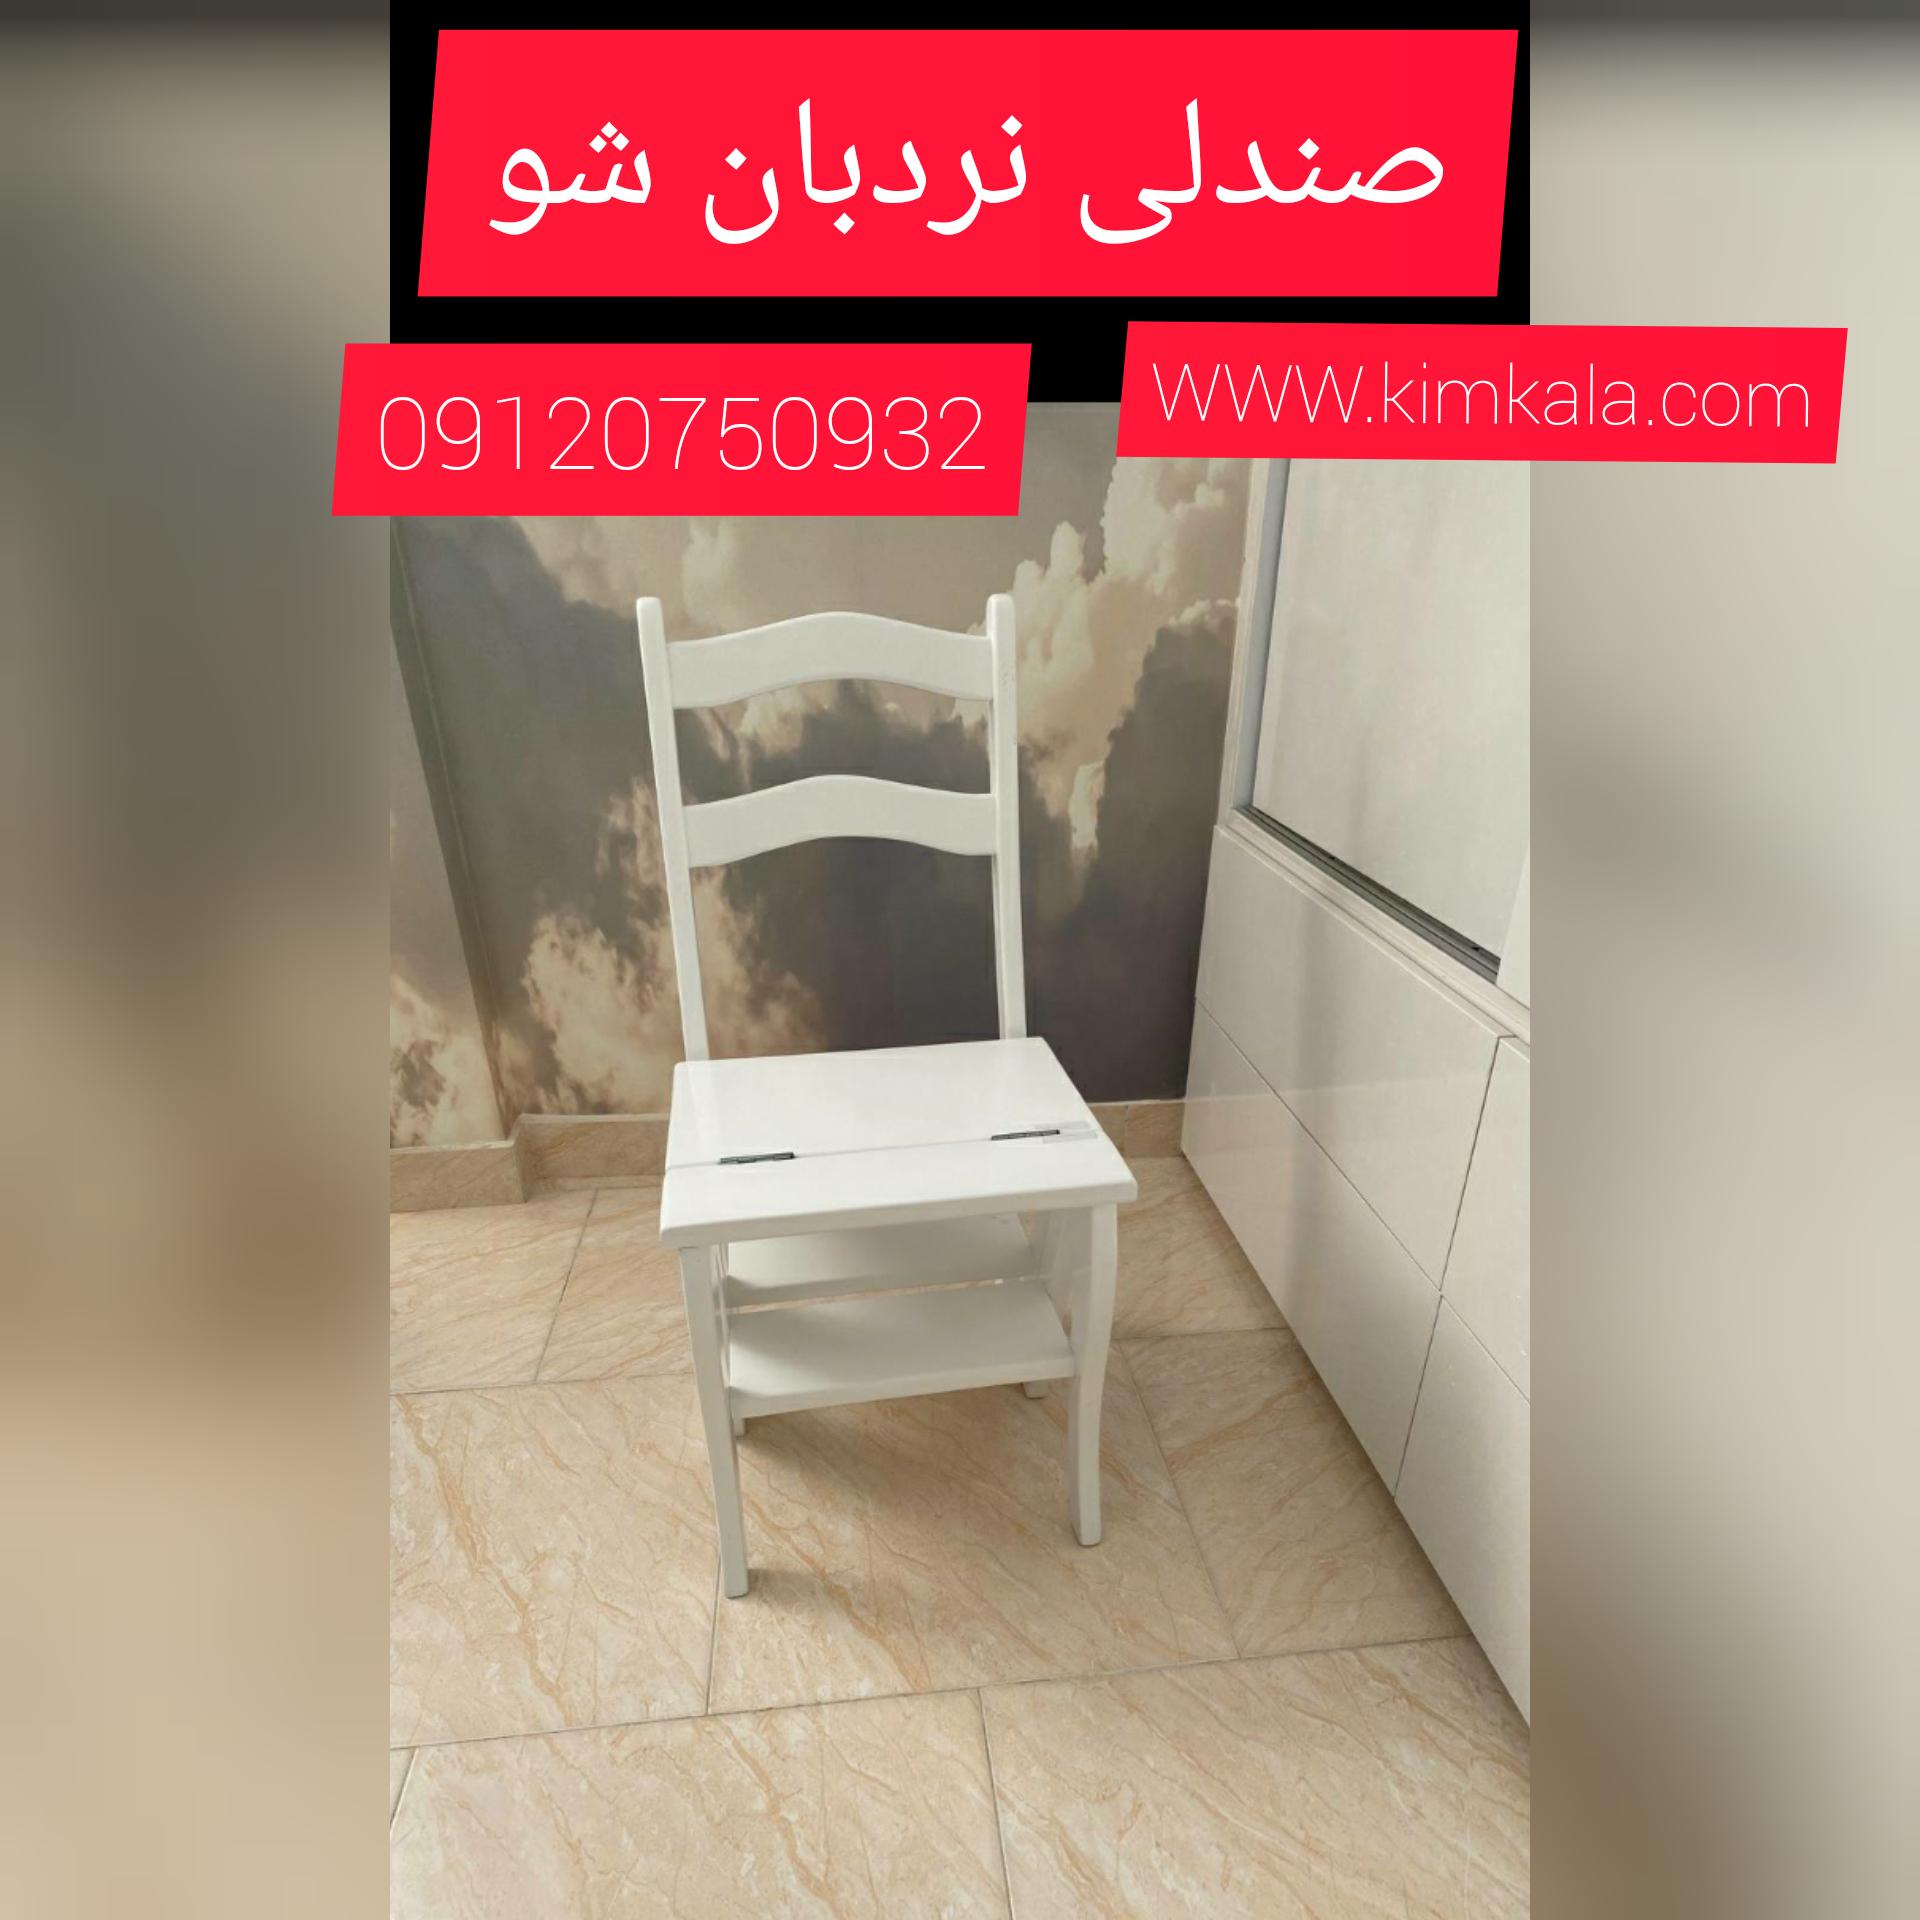 صندل نردبان شو /09120750932/قیمت صندلی